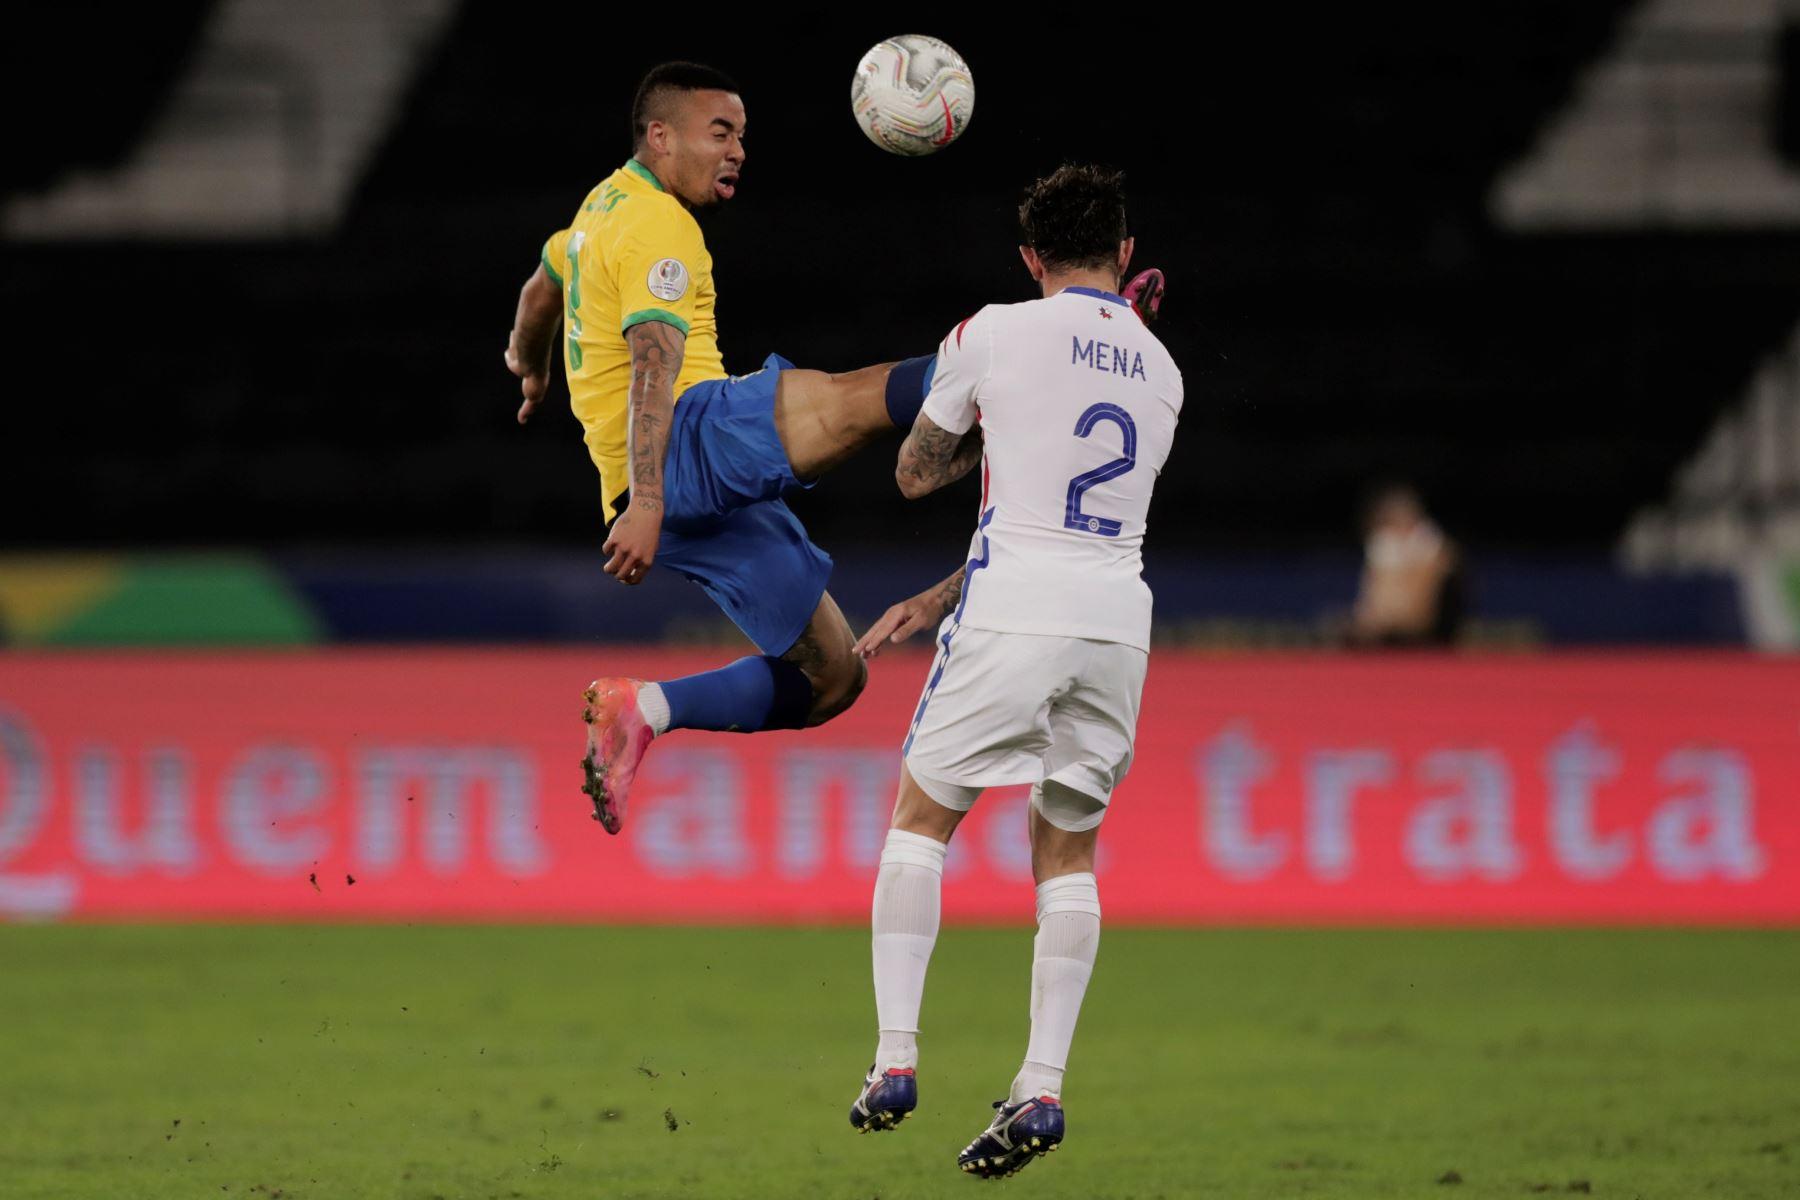 Jugada en la que Gabriel Jesus de Brasil es sancionado con tarjeta roja mientras disputa un balón con Eugenio Mena de Chile durante partido por los cuartos de final de la Copa América, en el estadio Nilton Santos en Río de Janeiro, Brasil. Foto: EFE